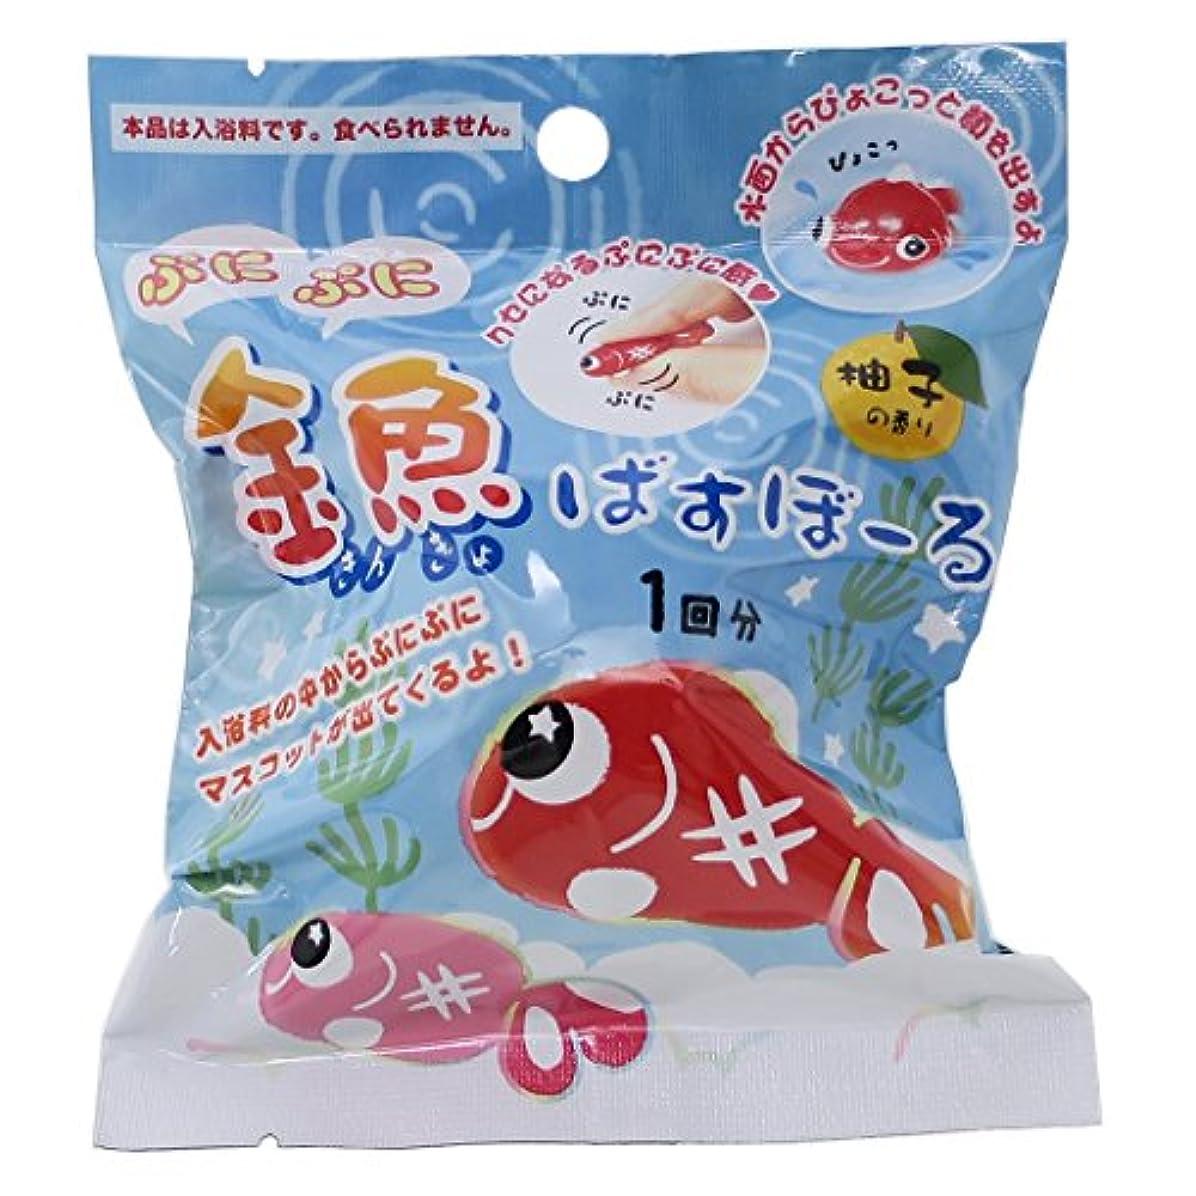 ぷにぷに金魚バスボール 柚子の香り 80g 1個入